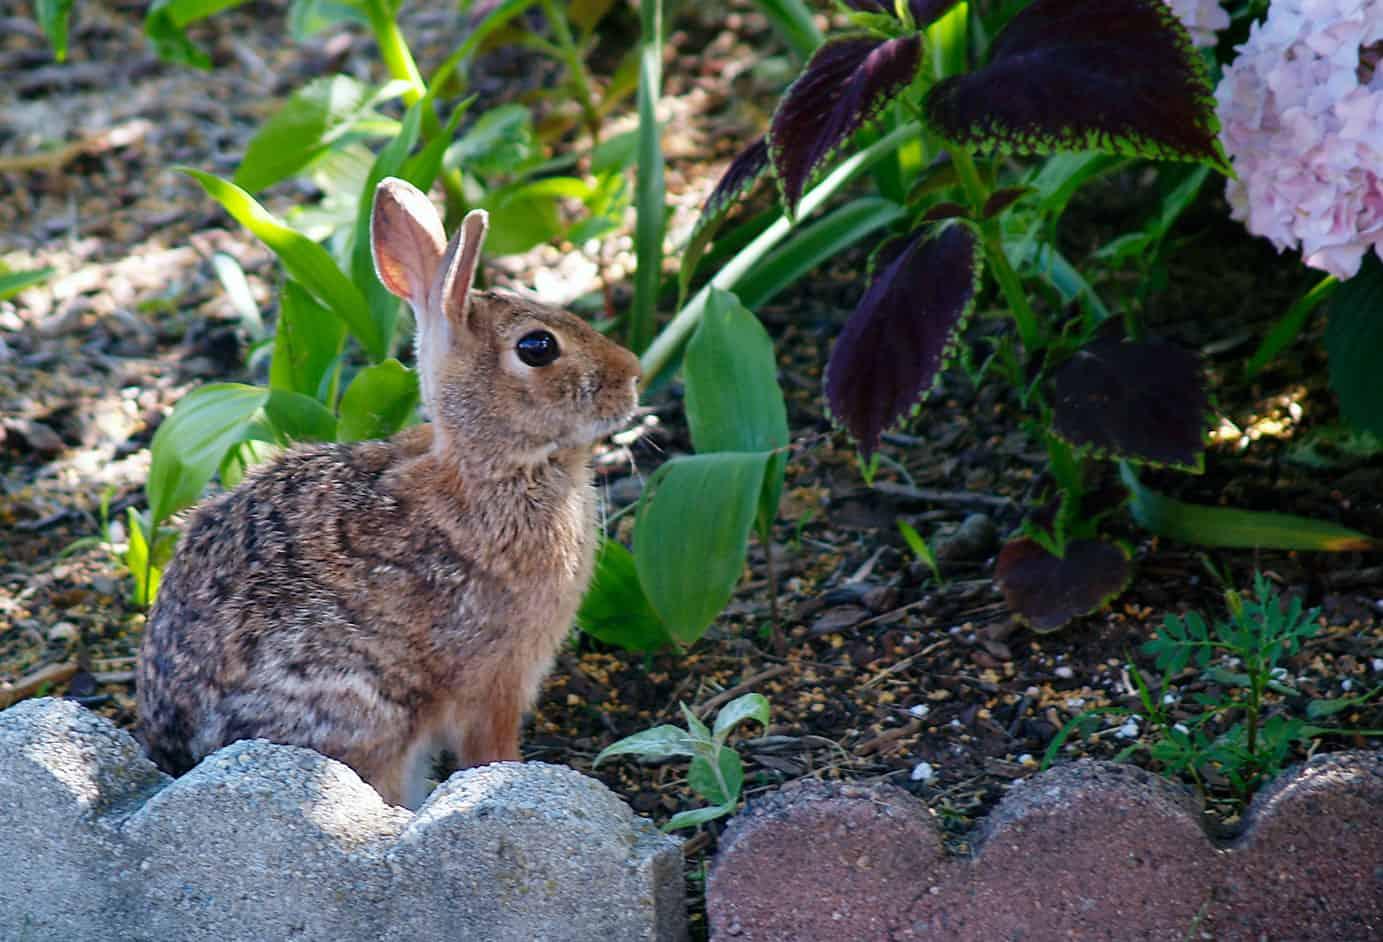 Will mothballs repel rabbits